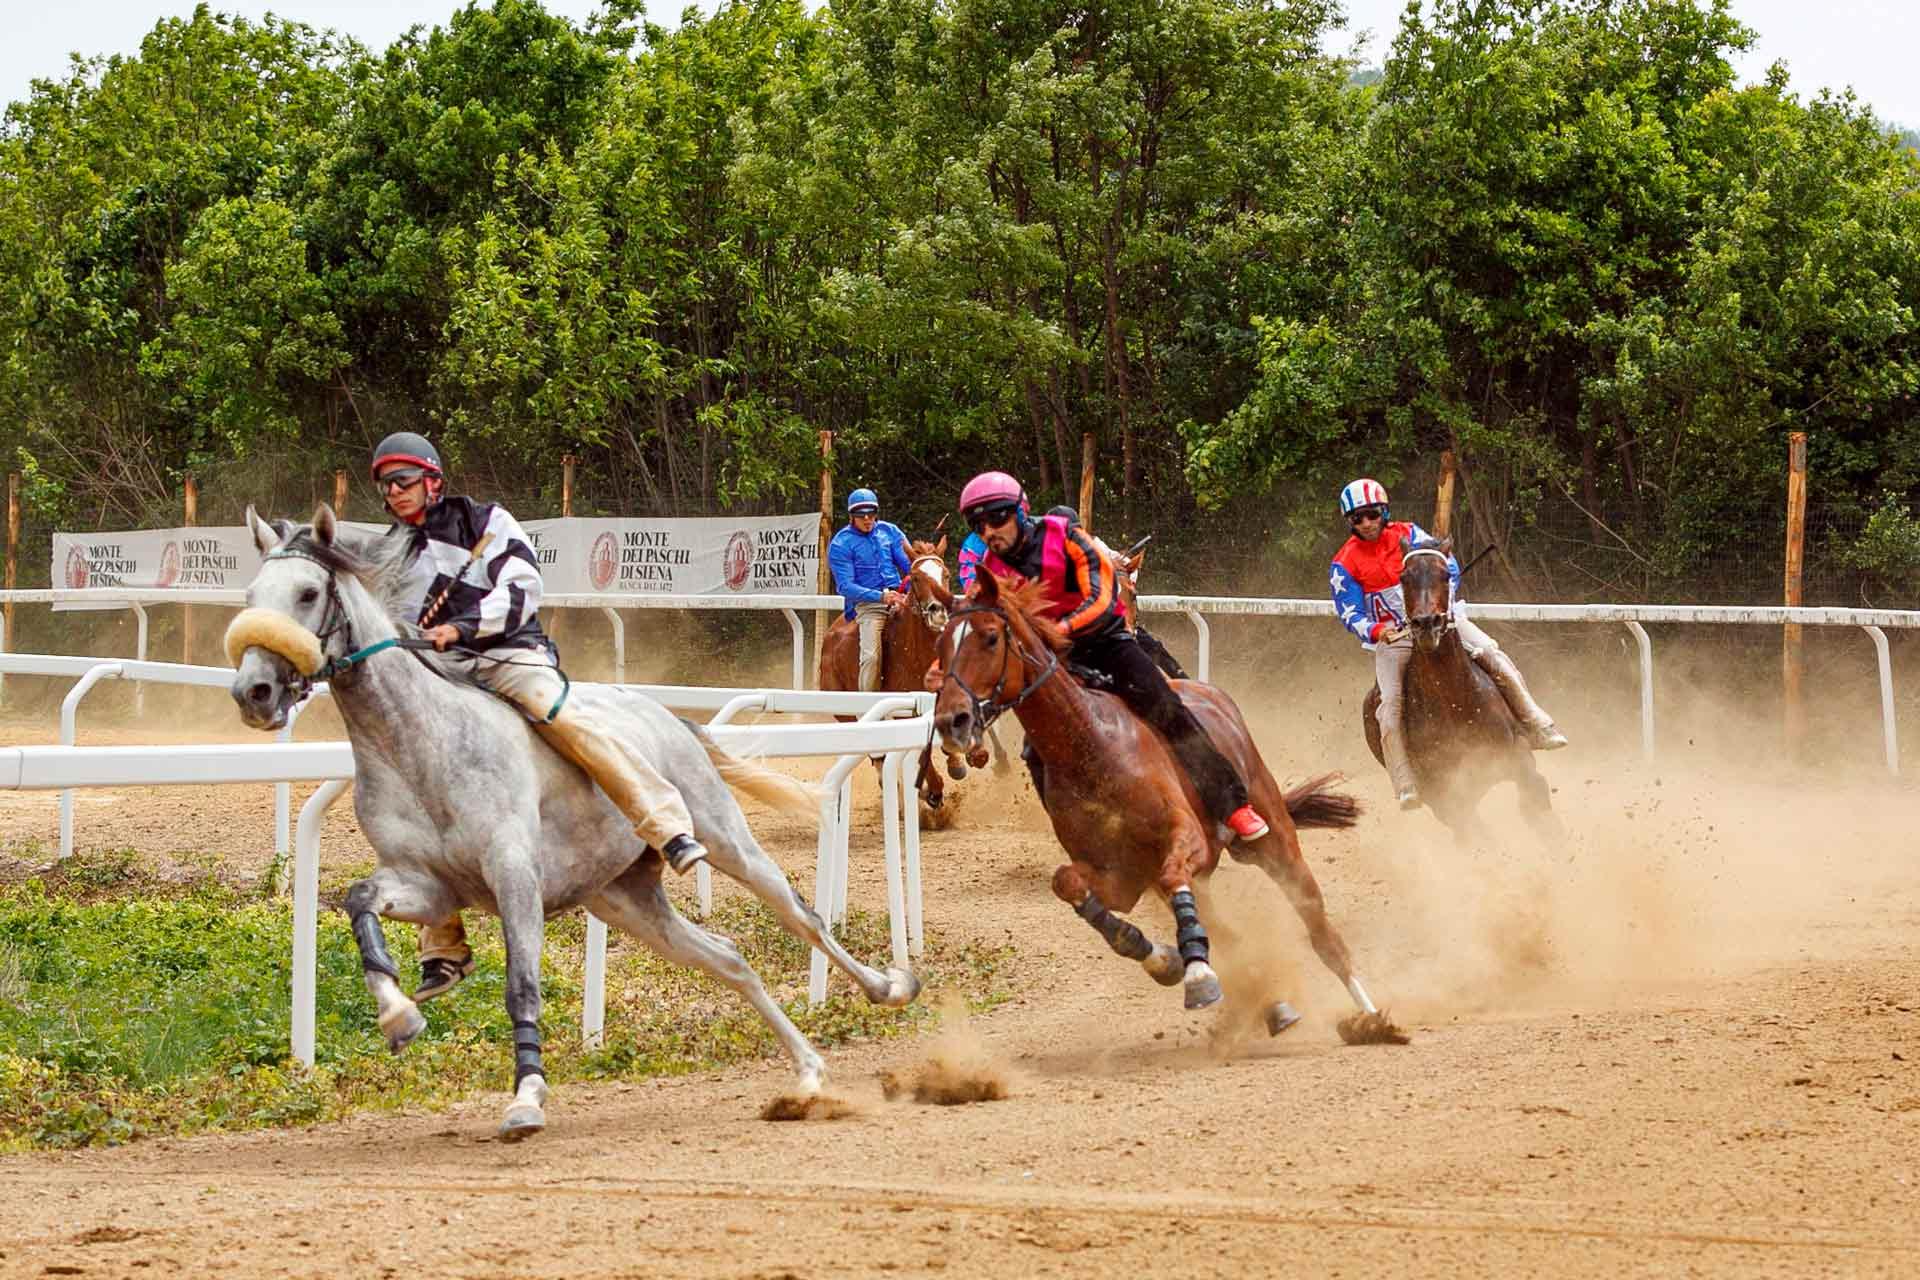 TRAINING TEST RUNS - La course permet aux professionnels de v?rifier le comportement des chevaux sur le tuf et sur un chemin caract?ris? par des courbes ? 90 degr?s et des pentes compl?tement identiques ? celles pr?sentes sur la Piazza del Campo ? Sienne.